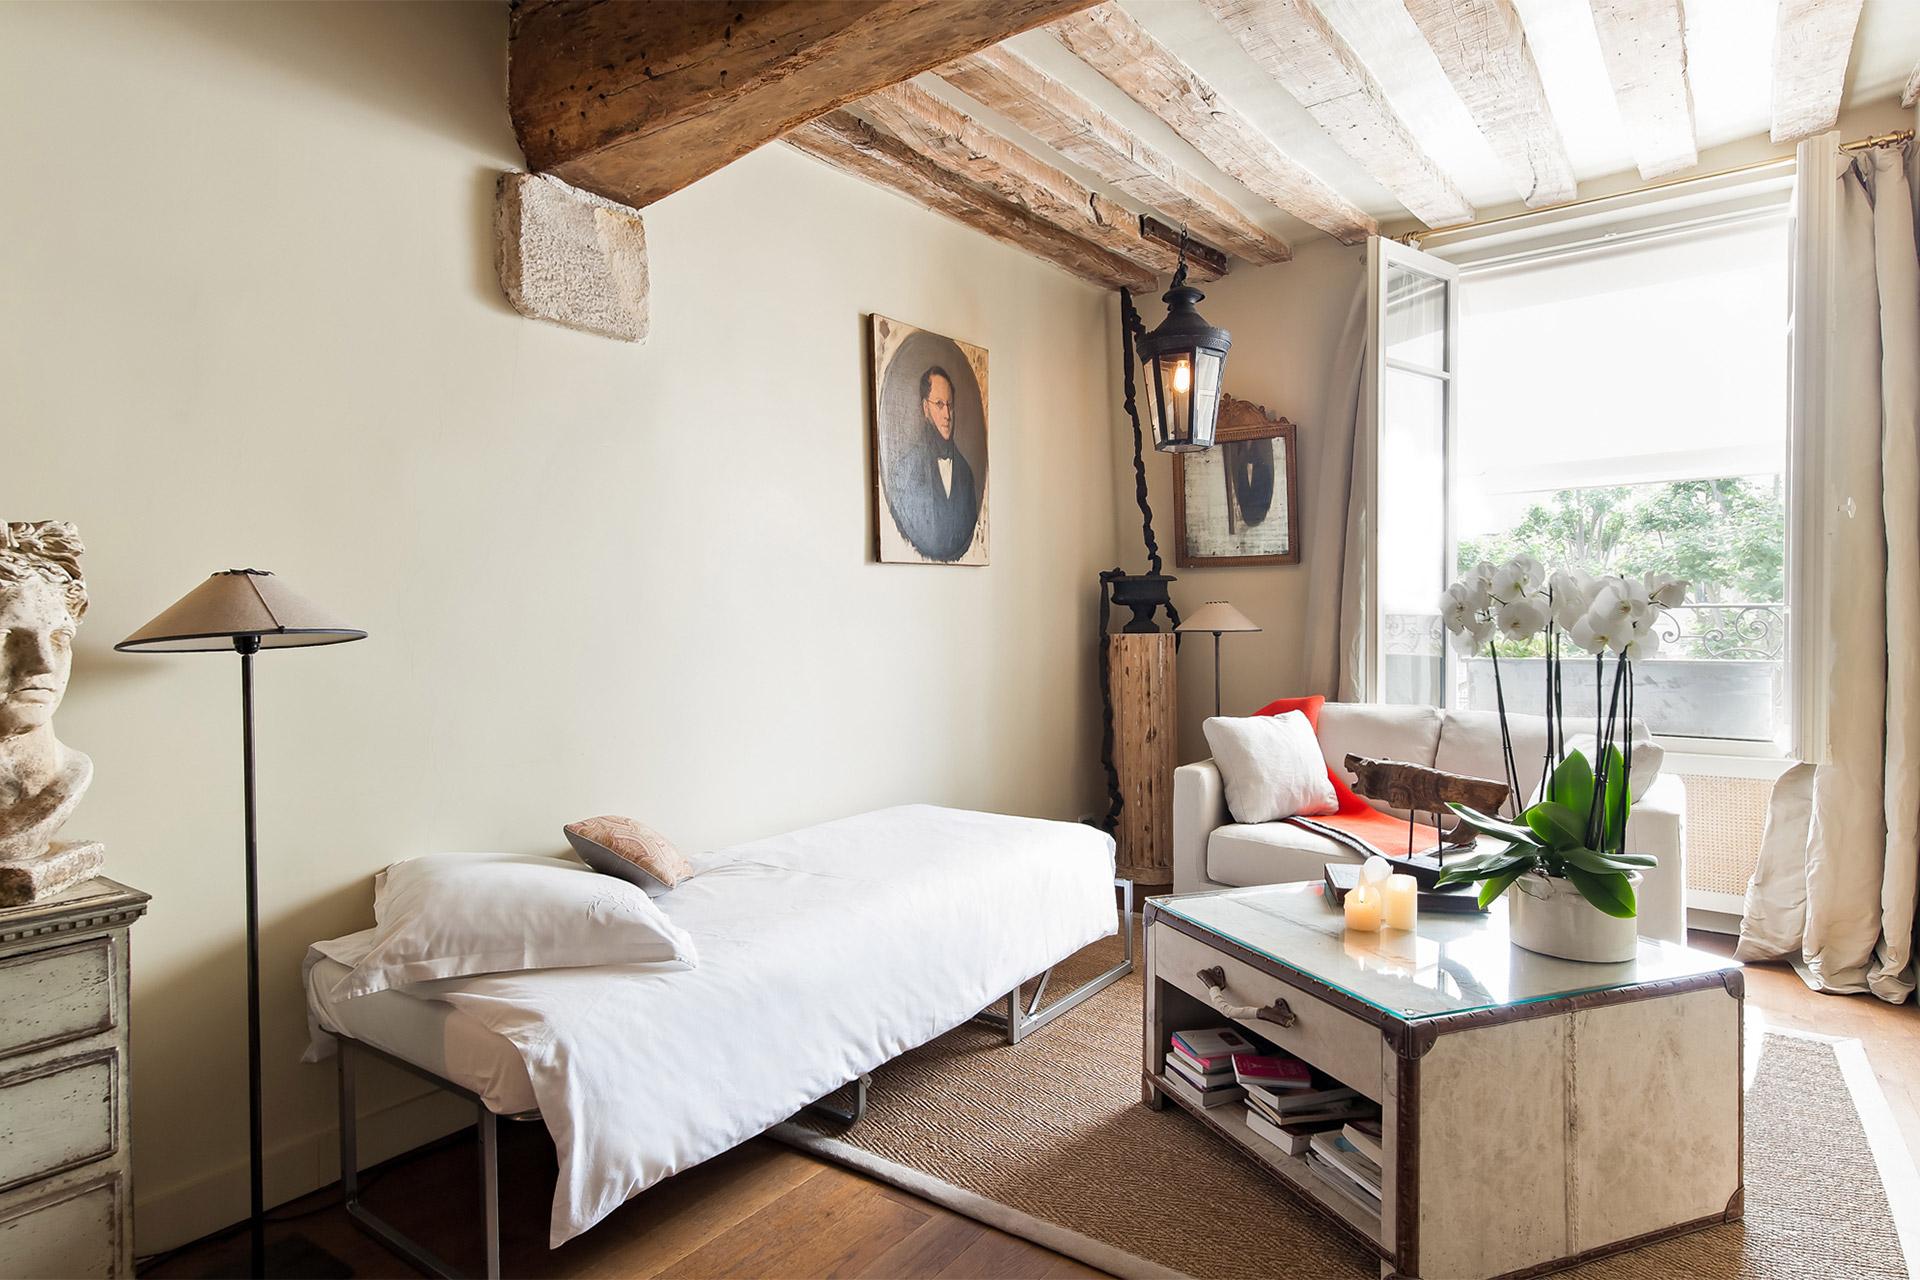 Lussac sofa bed